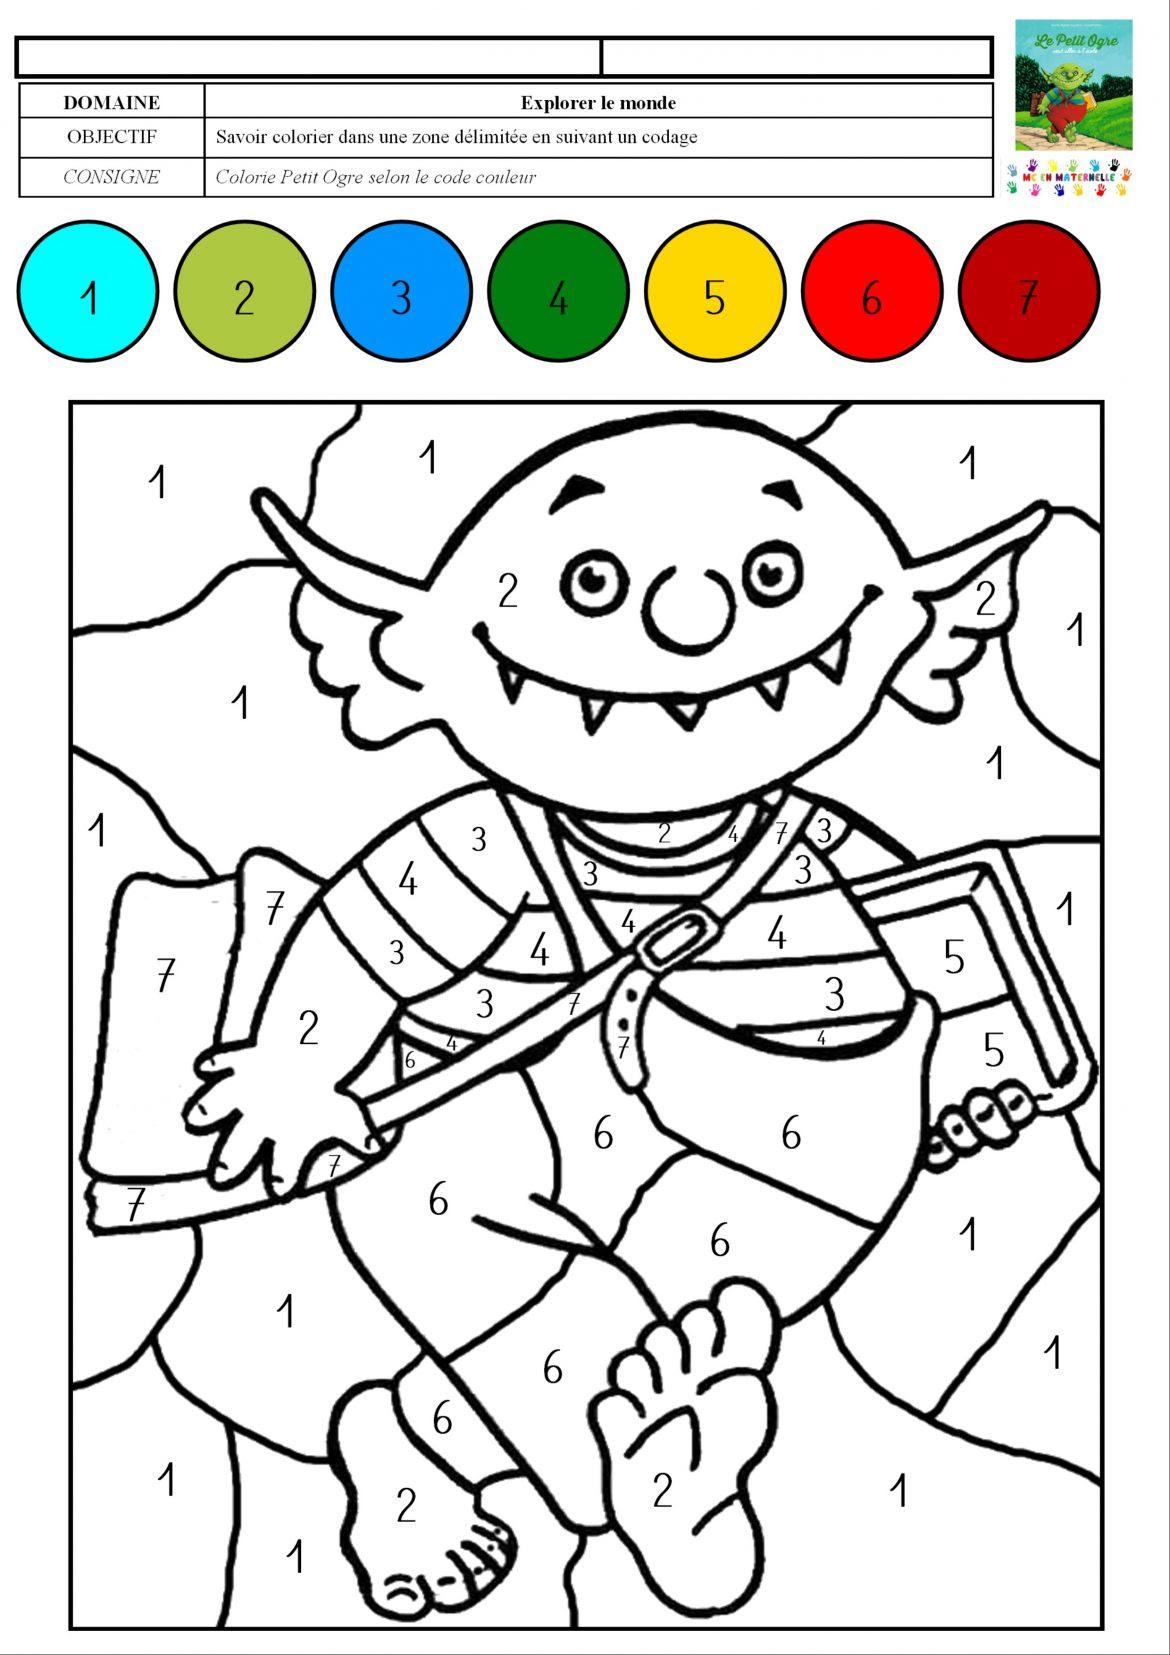 Le petit ogre veut aller  l école coloriage magique avec des chiffres de 1  7